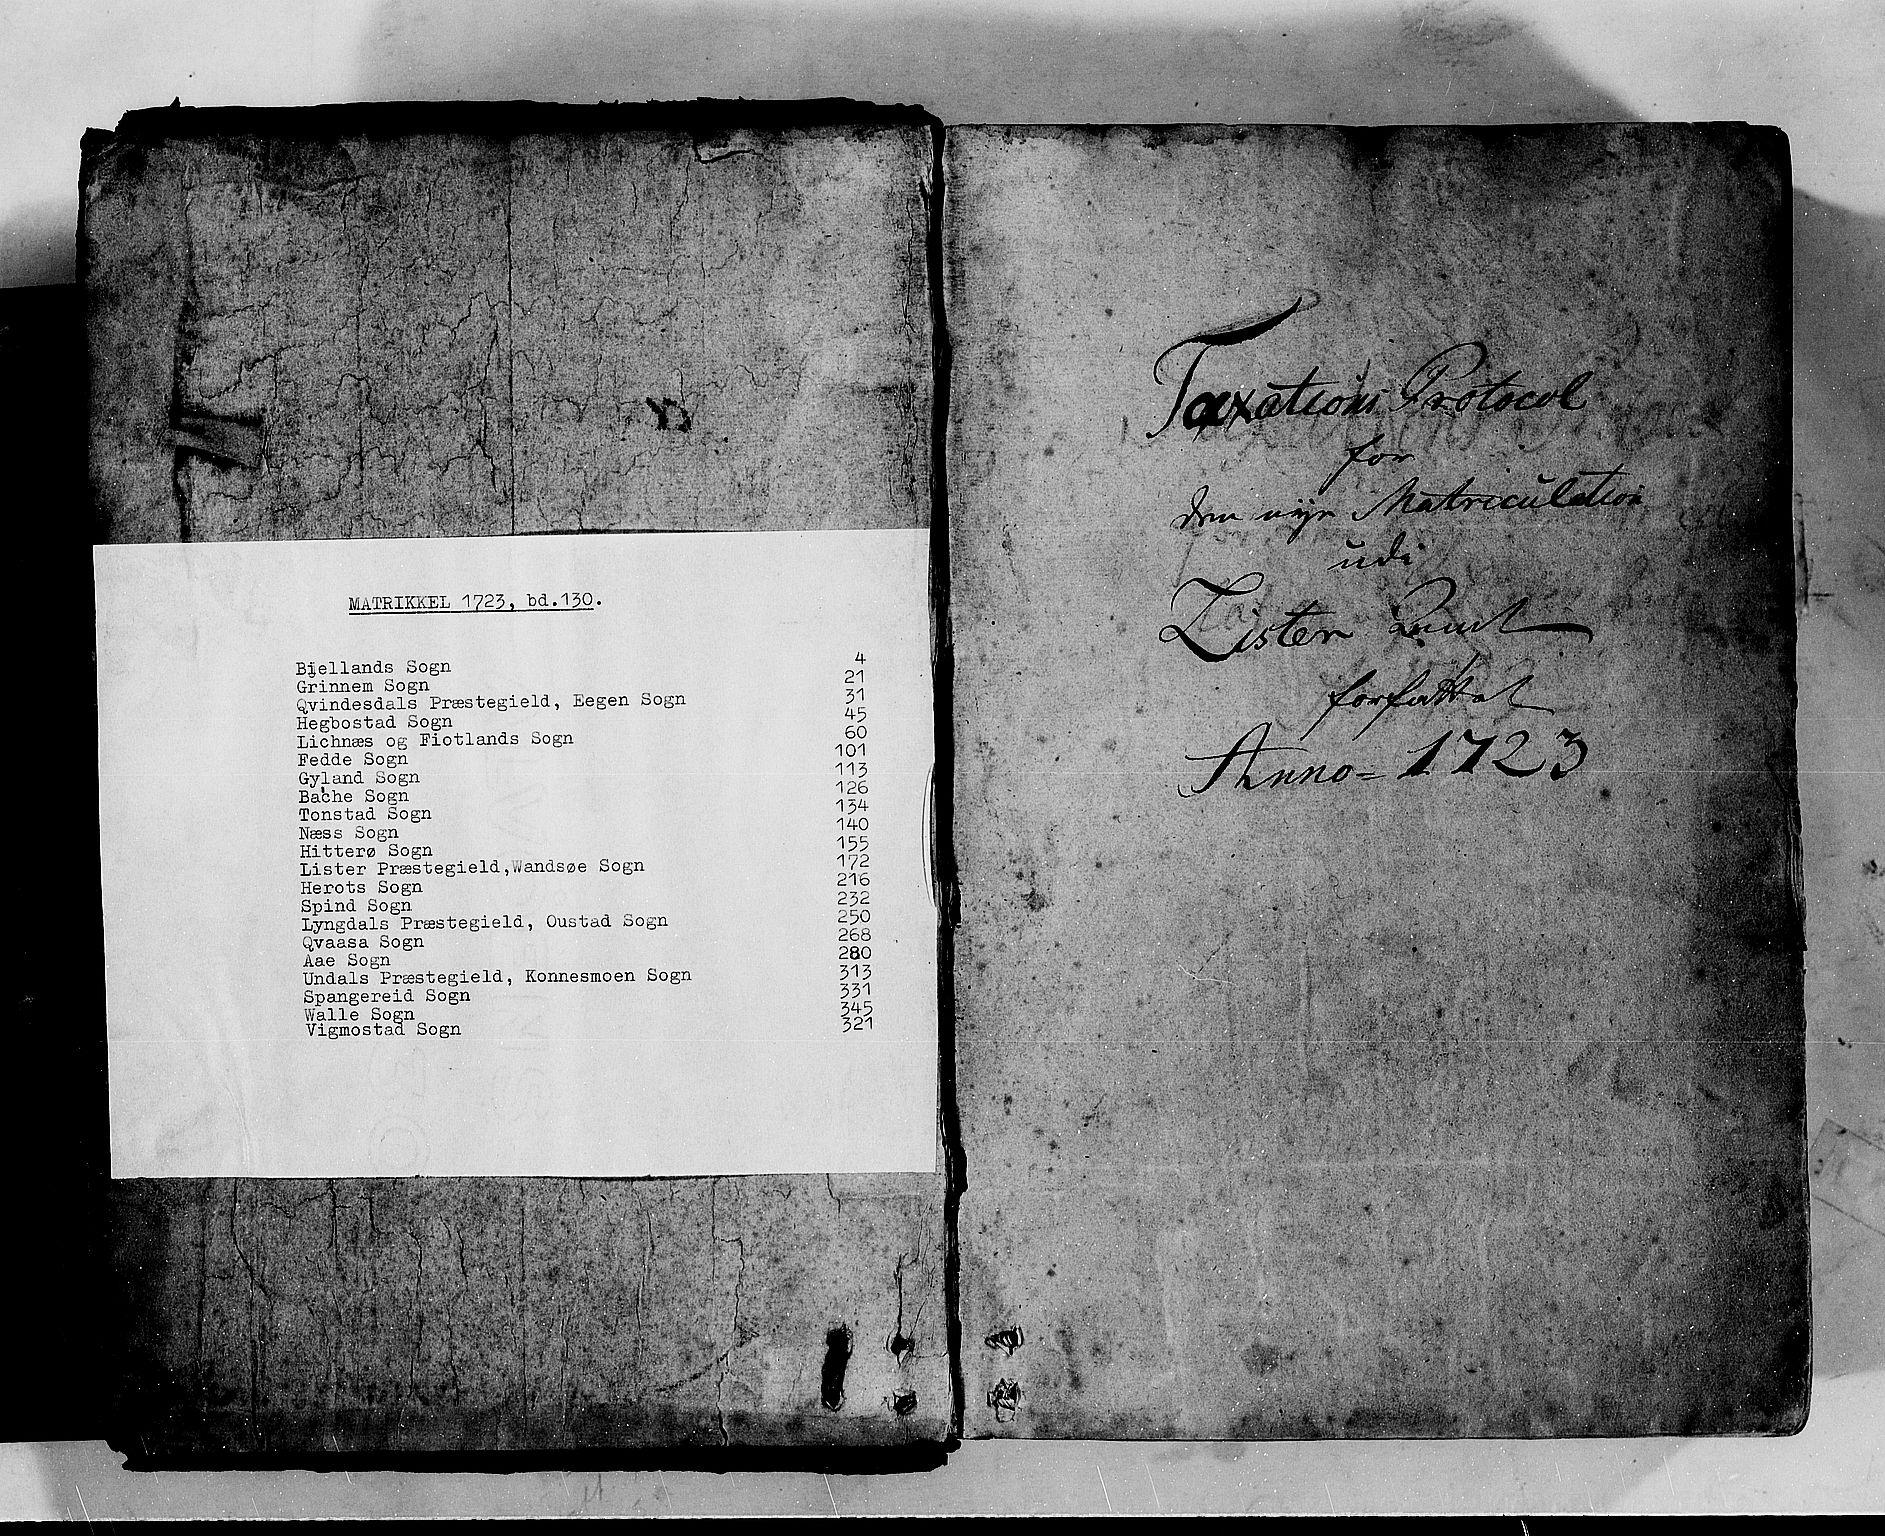 RA, Rentekammeret inntil 1814, Realistisk ordnet avdeling, N/Nb/Nbf/L0130: Lista matrikkelprotokoll, 1723, s. 1a